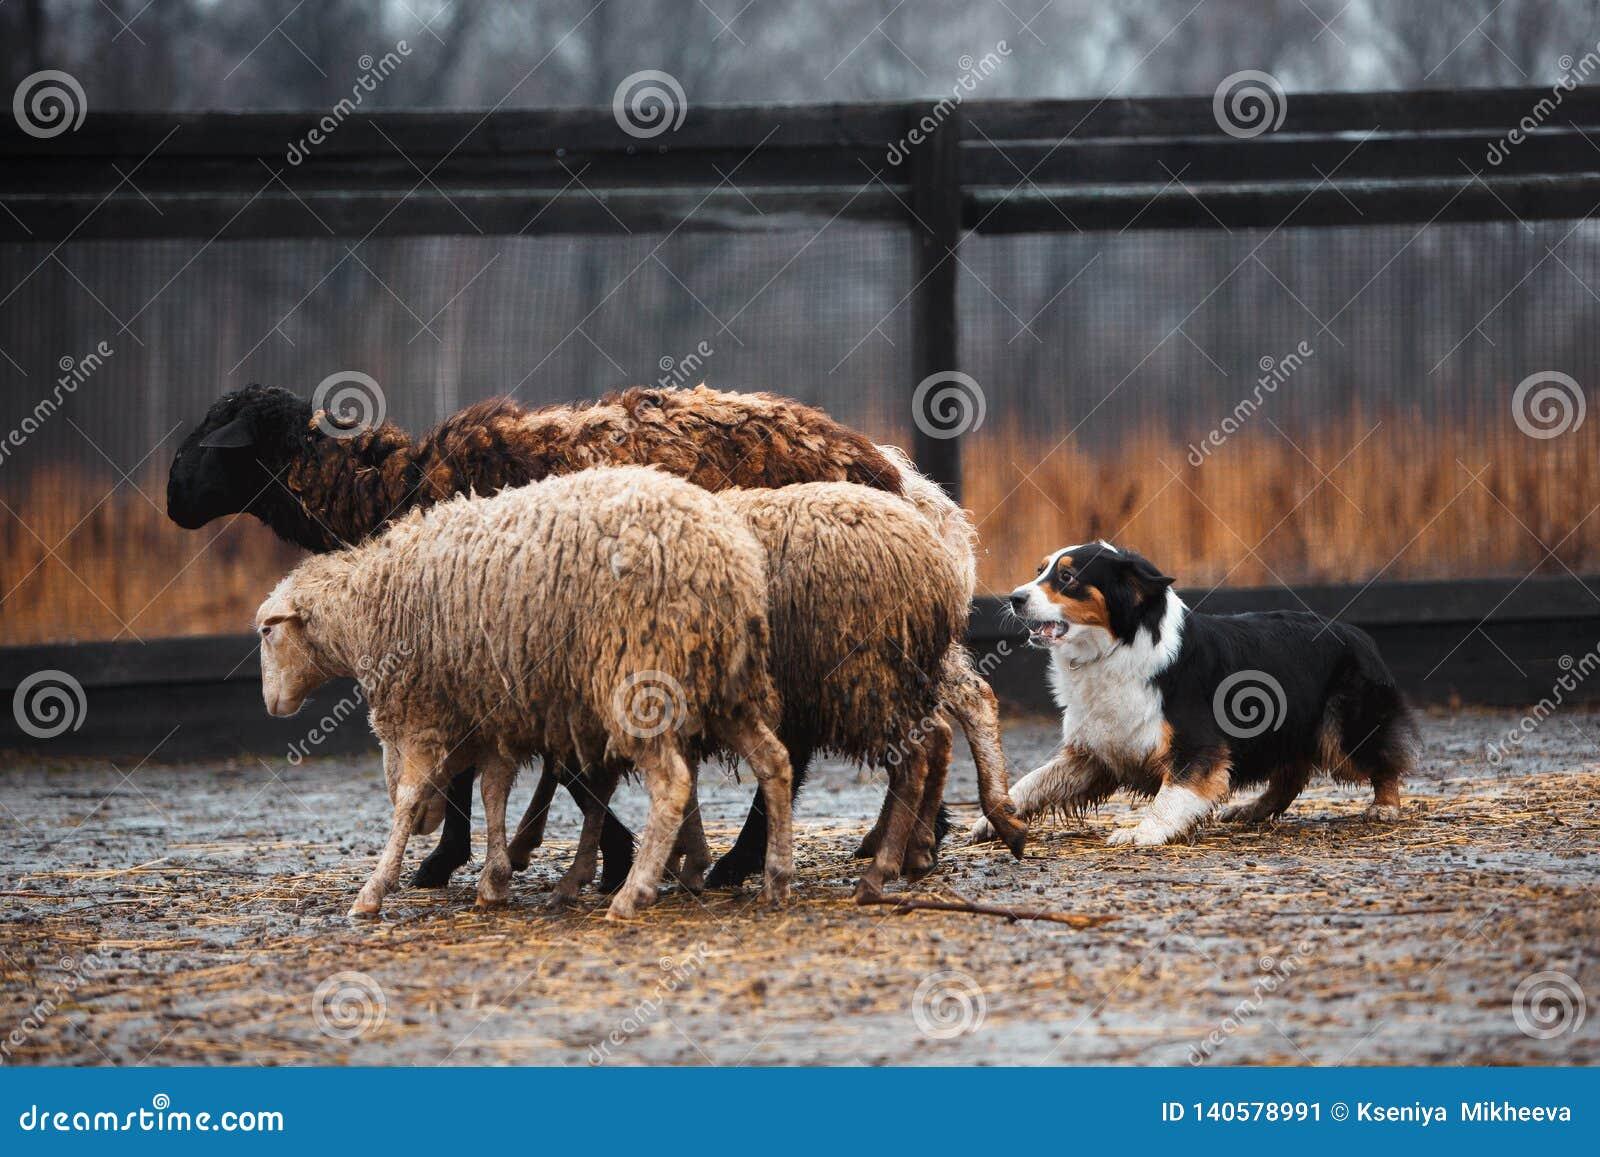 Δύο κοκκινομάλλη γραπτά πρόβατα κατά τη βοσκή σκυλιών κόλλεϊ συνόρων στη μάντρα ακατέργαστο σκυλί αθλητική πειθαρχία Έννοια Σκυλί